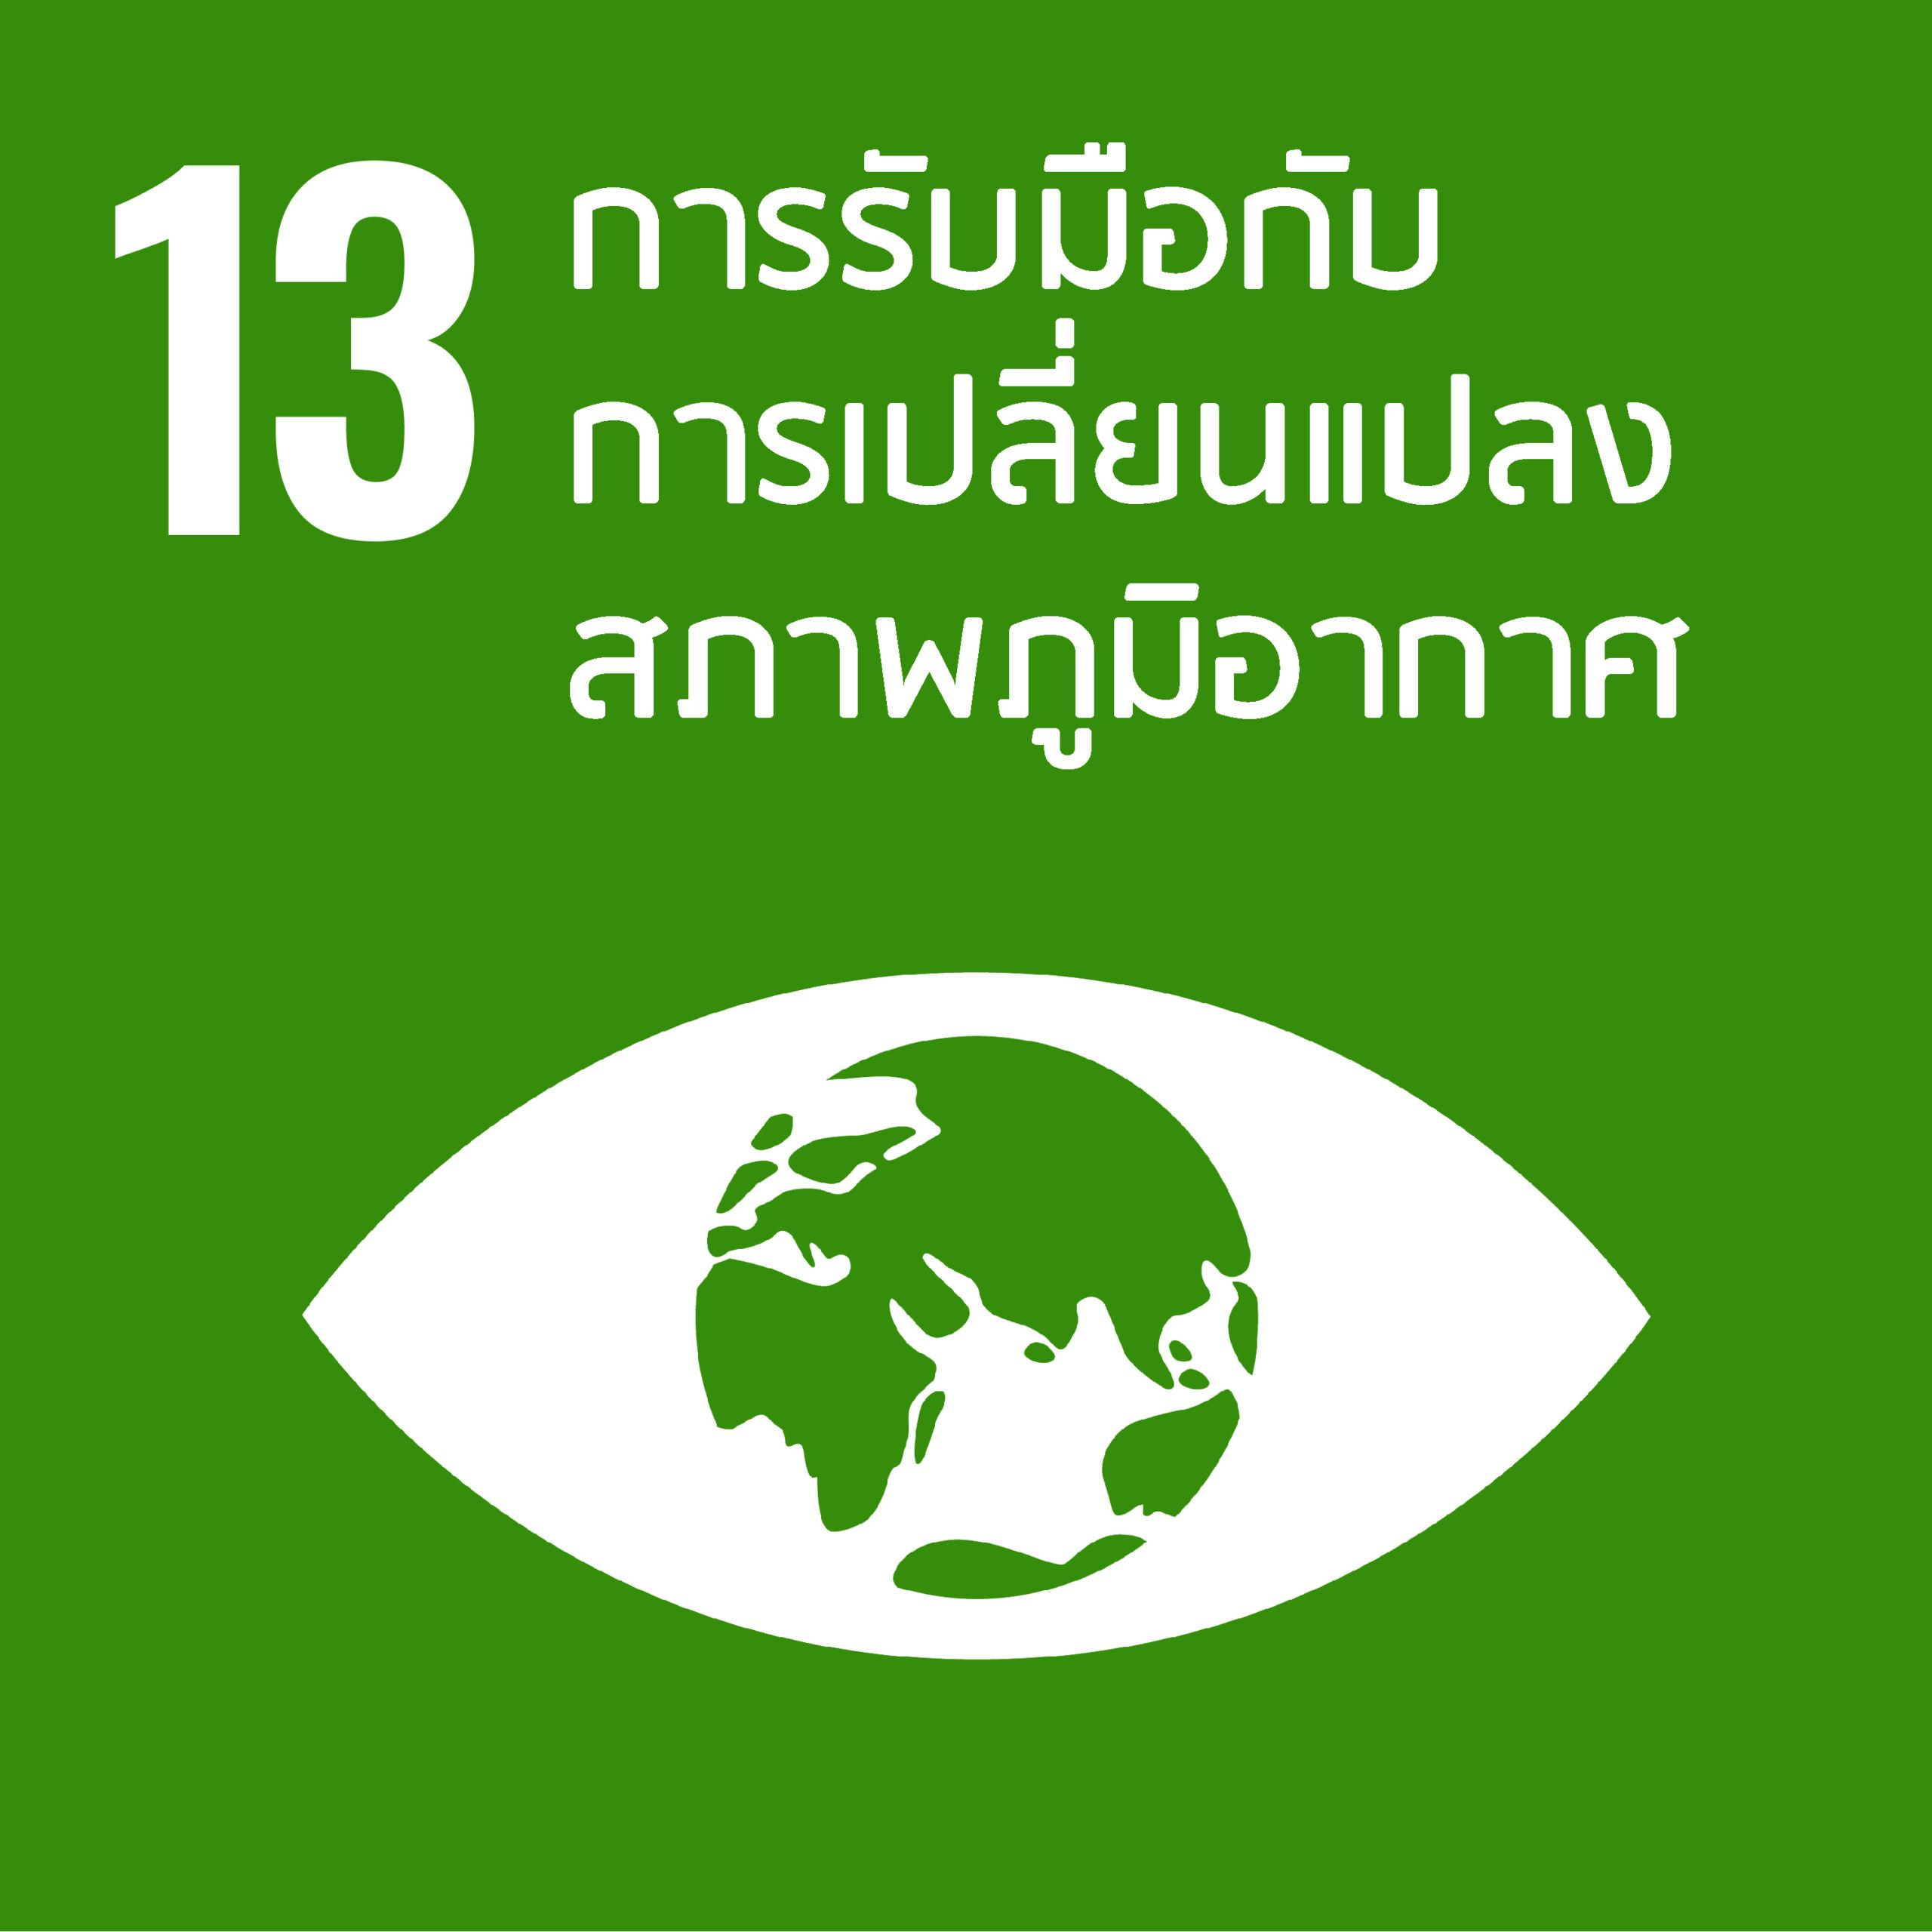 E_SDG_PRINT-13